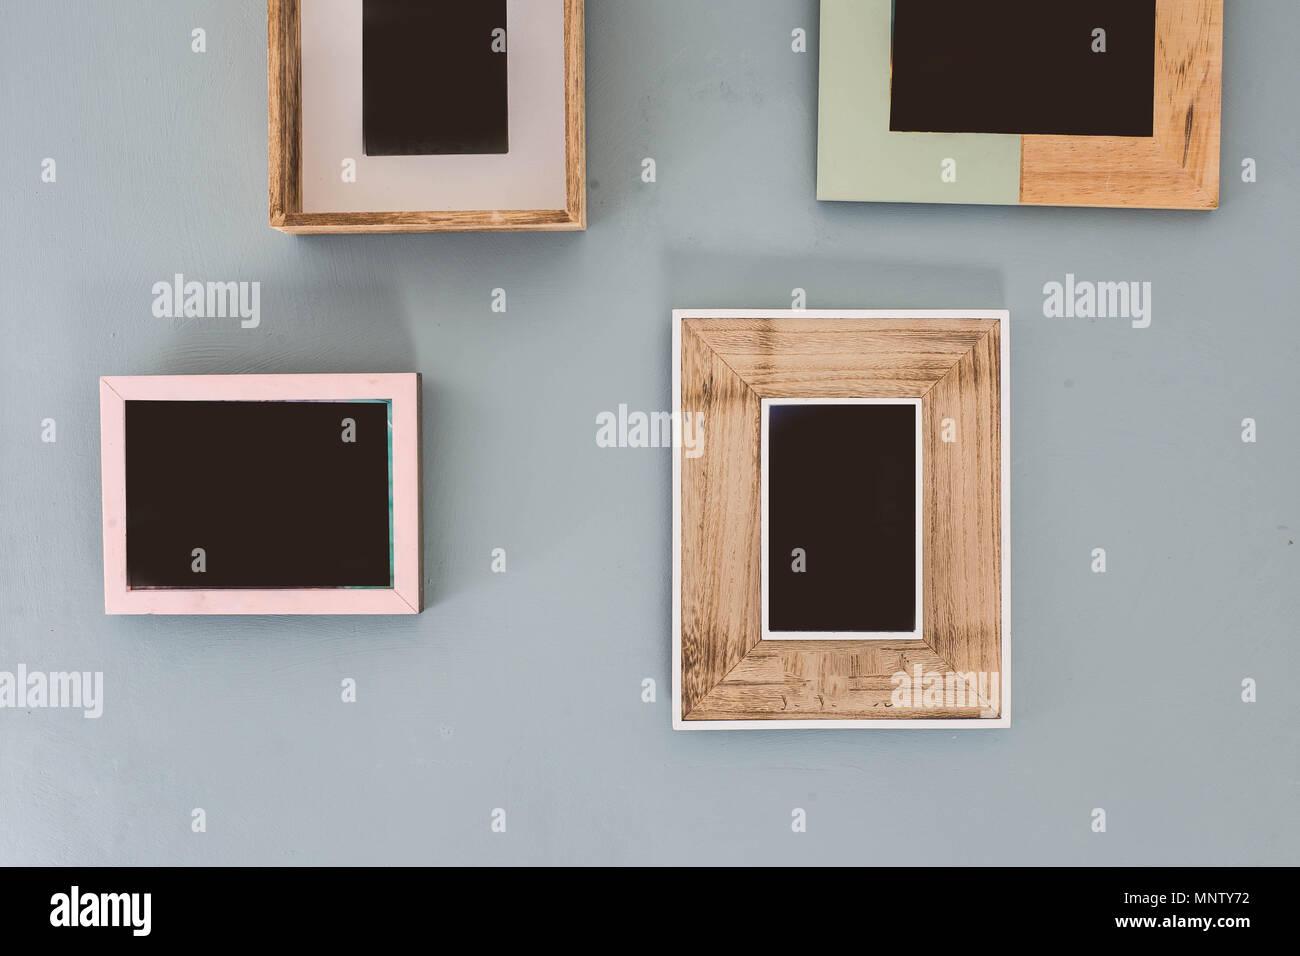 Muchos múltiples marcos de imagen pequeña en blanco sobre la pared ...